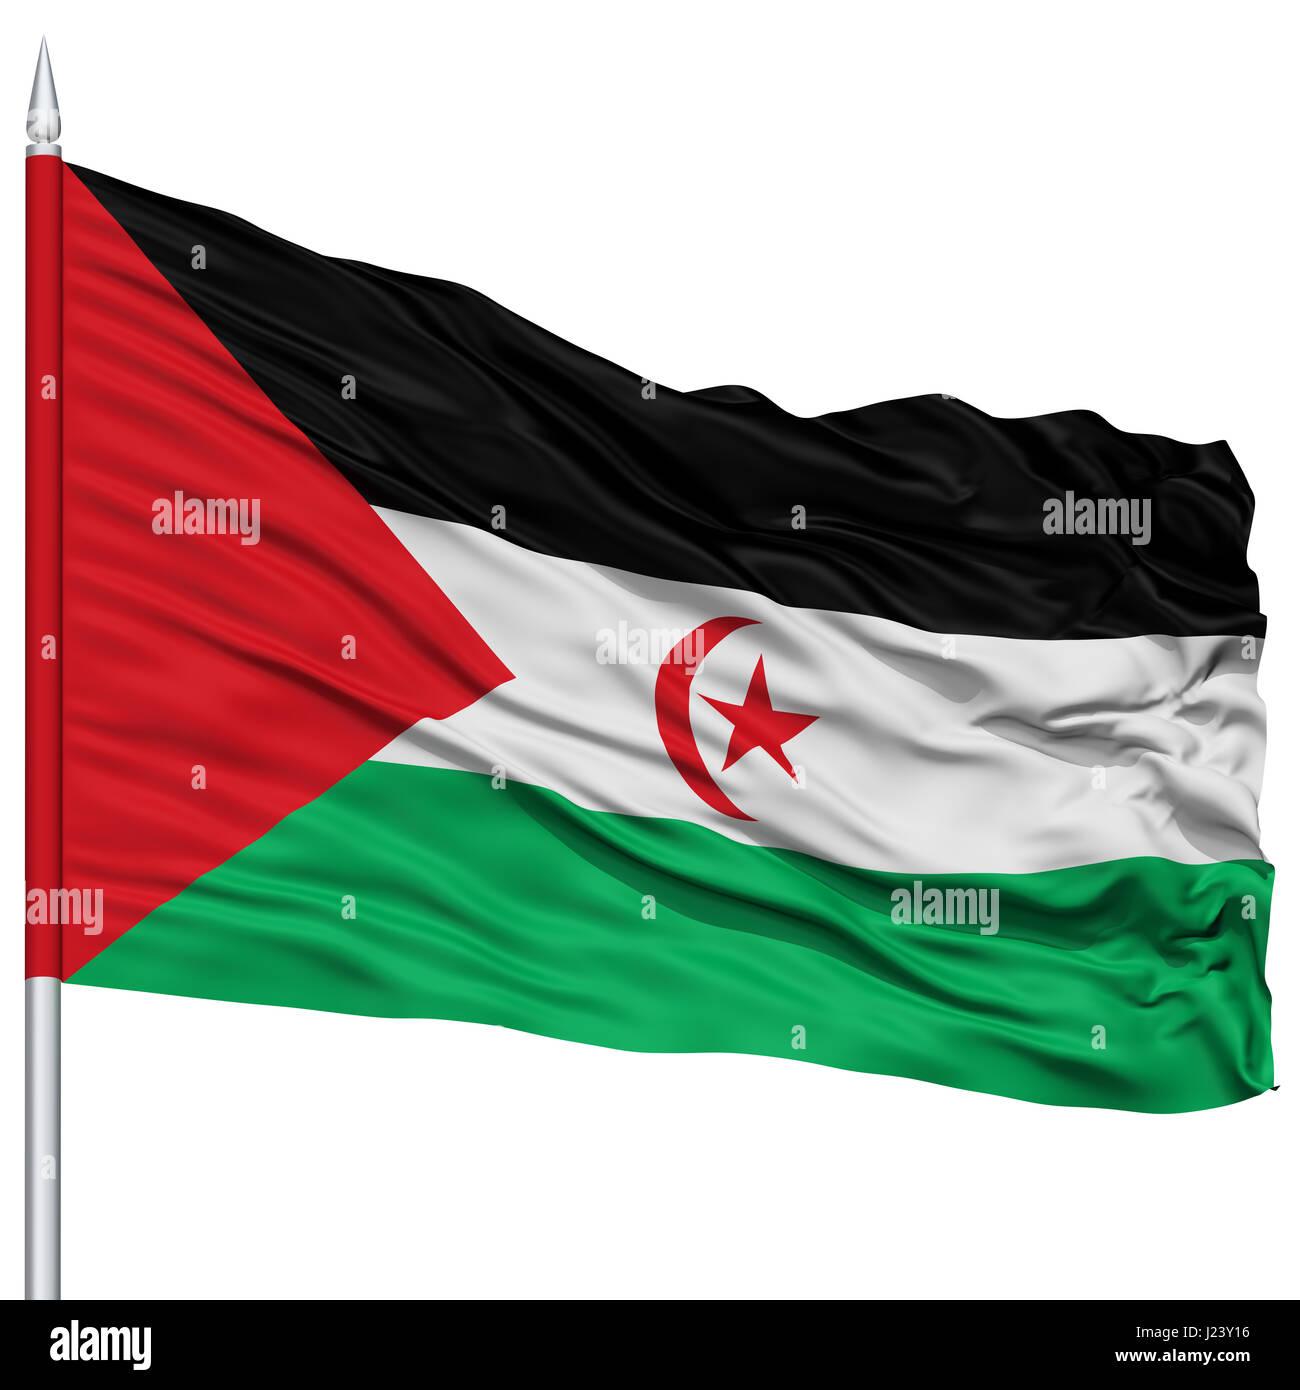 Sahrawi Arab Democratic Republic Flag on Flagpole - Stock Image